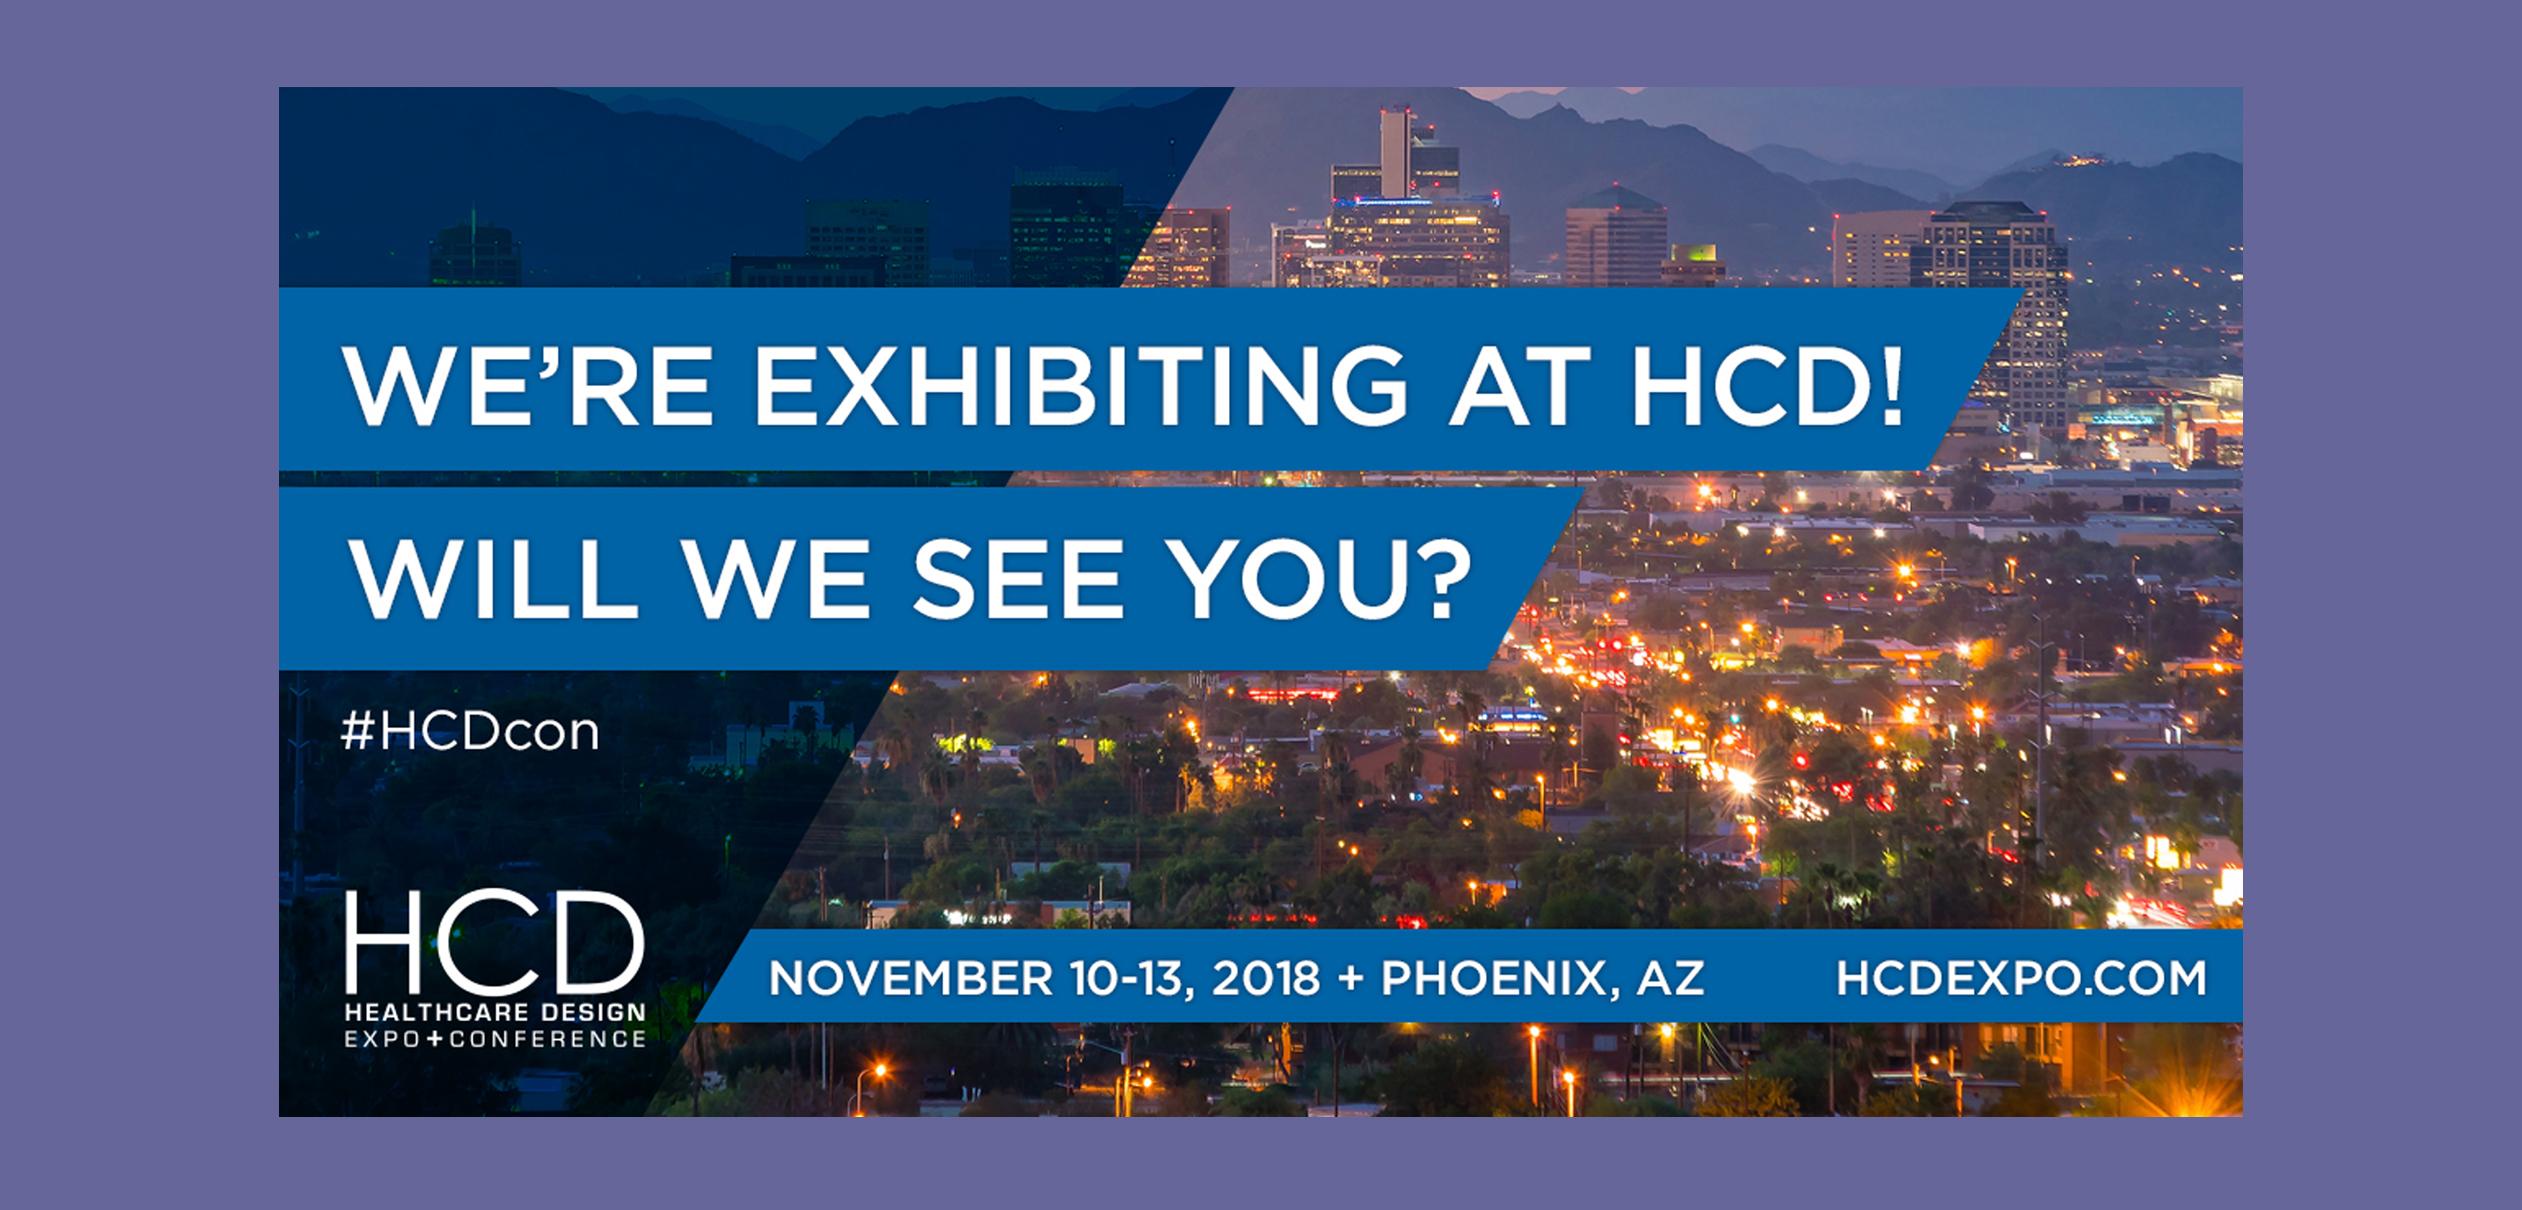 Healthcare Design Expo 2018